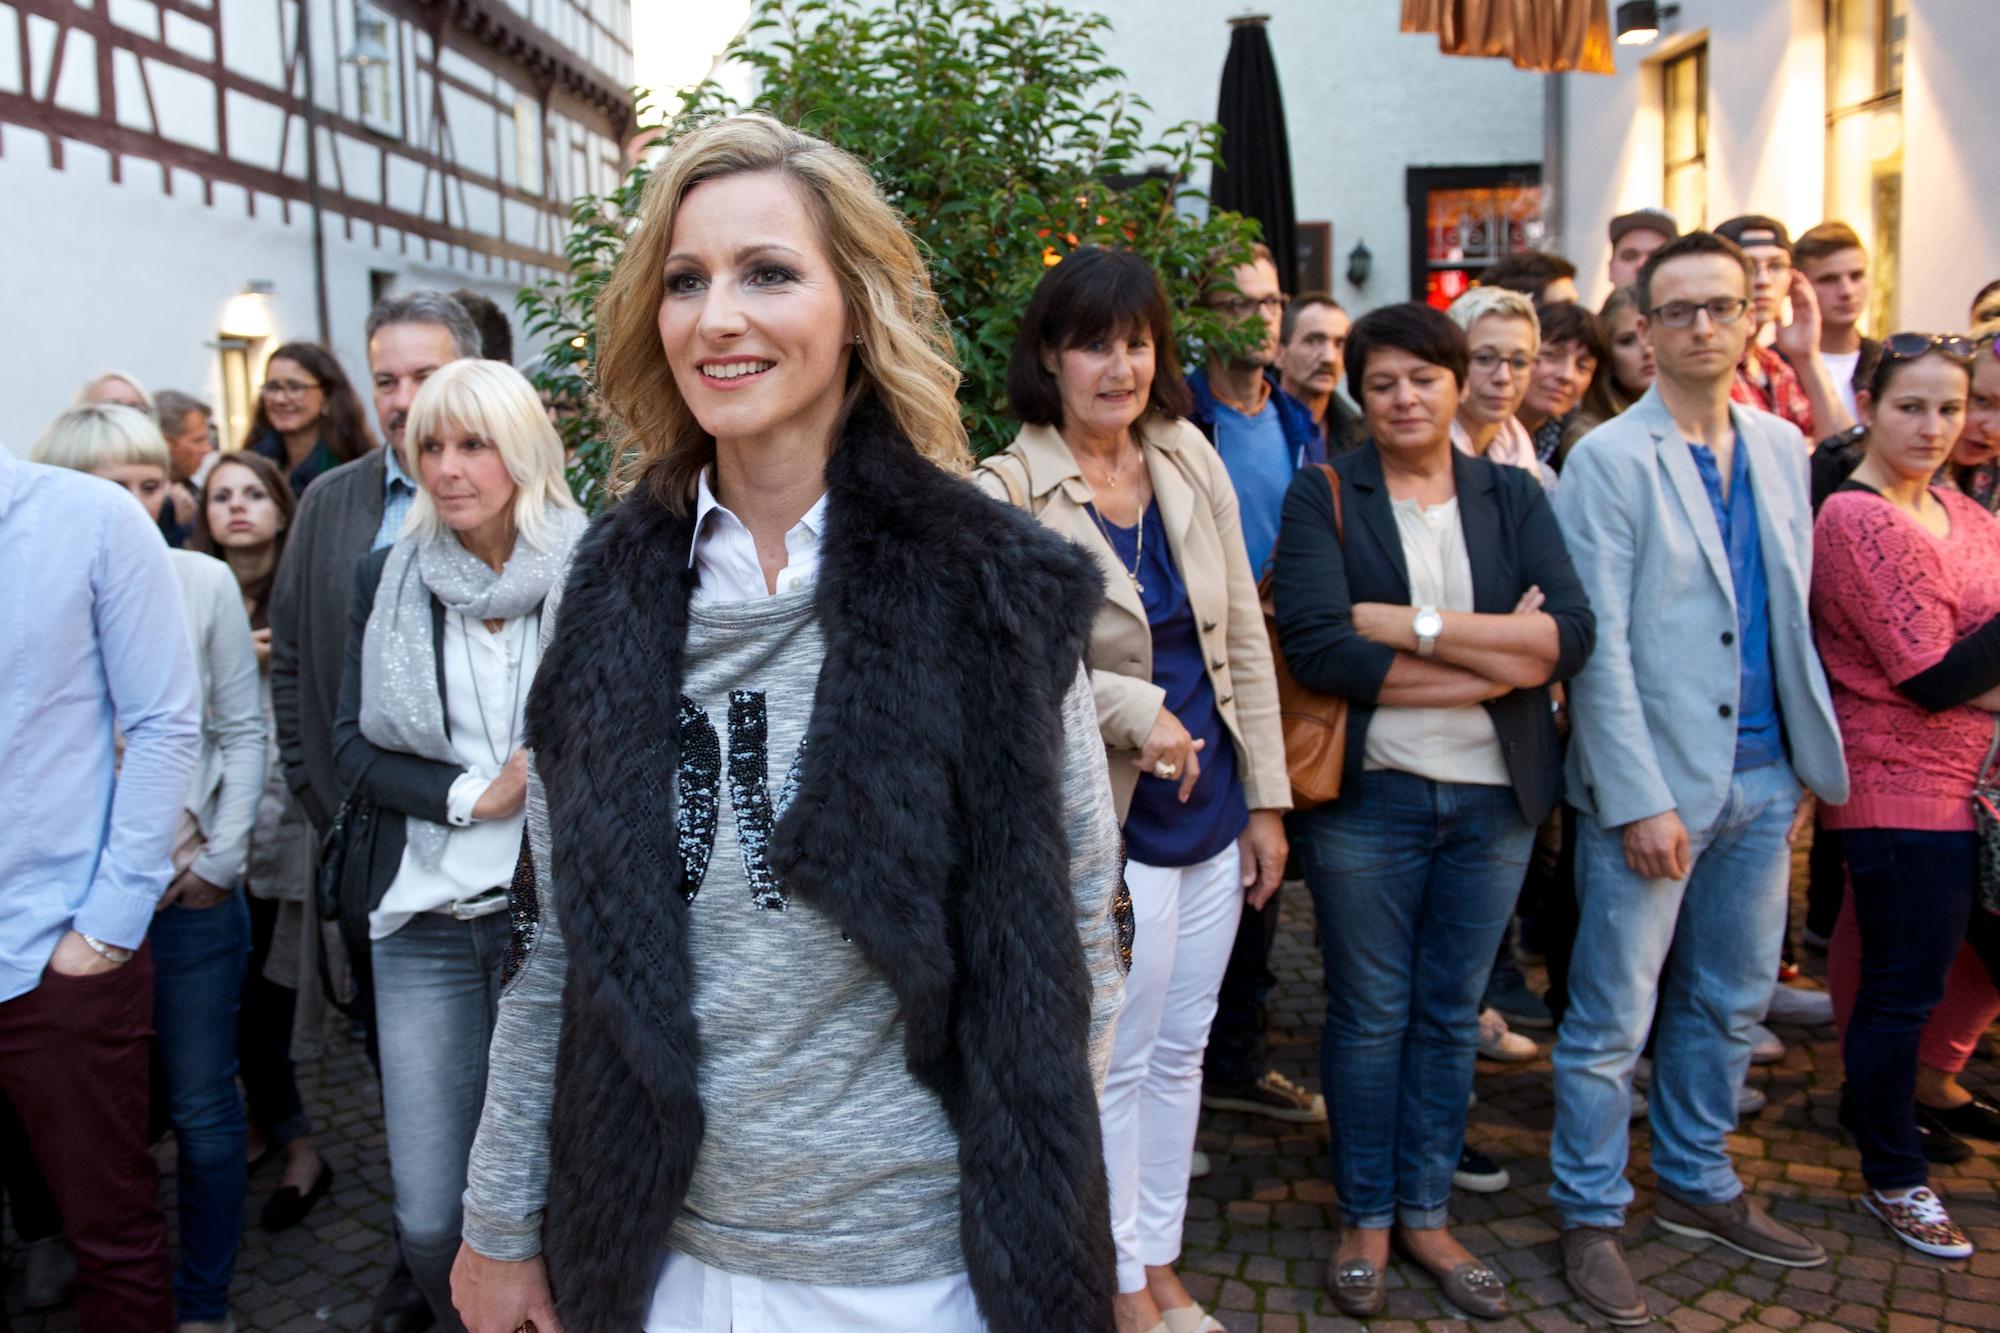 KW_140917_Fashionshow_web_029.jpg